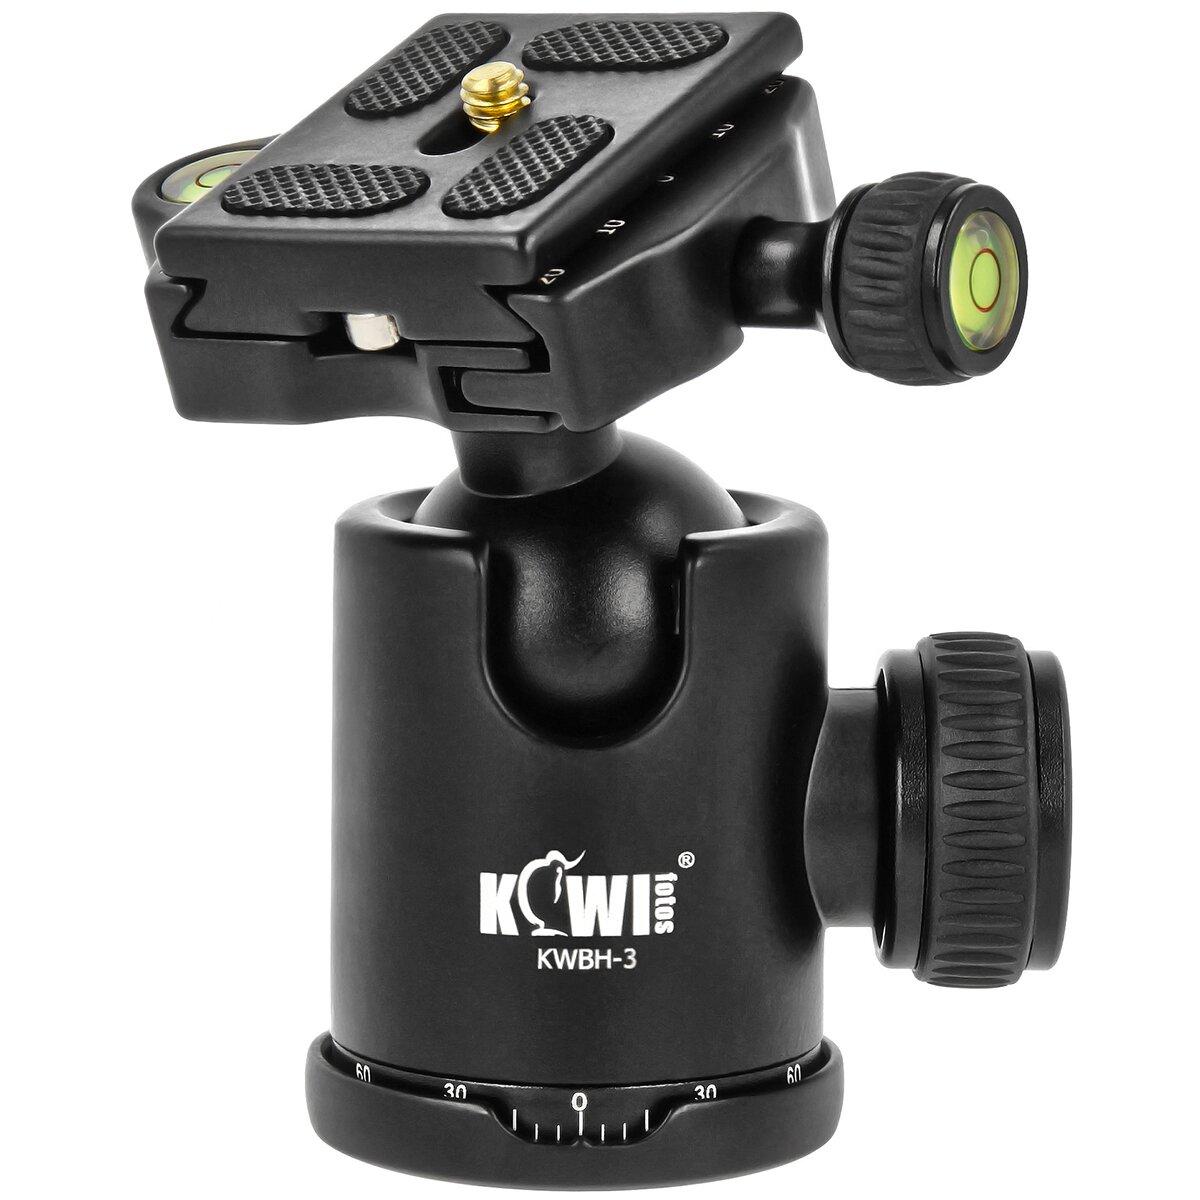 Kiwifotos Kugelkopf mit Schnellkupplung (Arca-kompatibel) 3/8-Zoll-Anschlussschraube Tragfähigkeit 5 kg - z.B. für kleine DSLRs und DSLM-Kameras